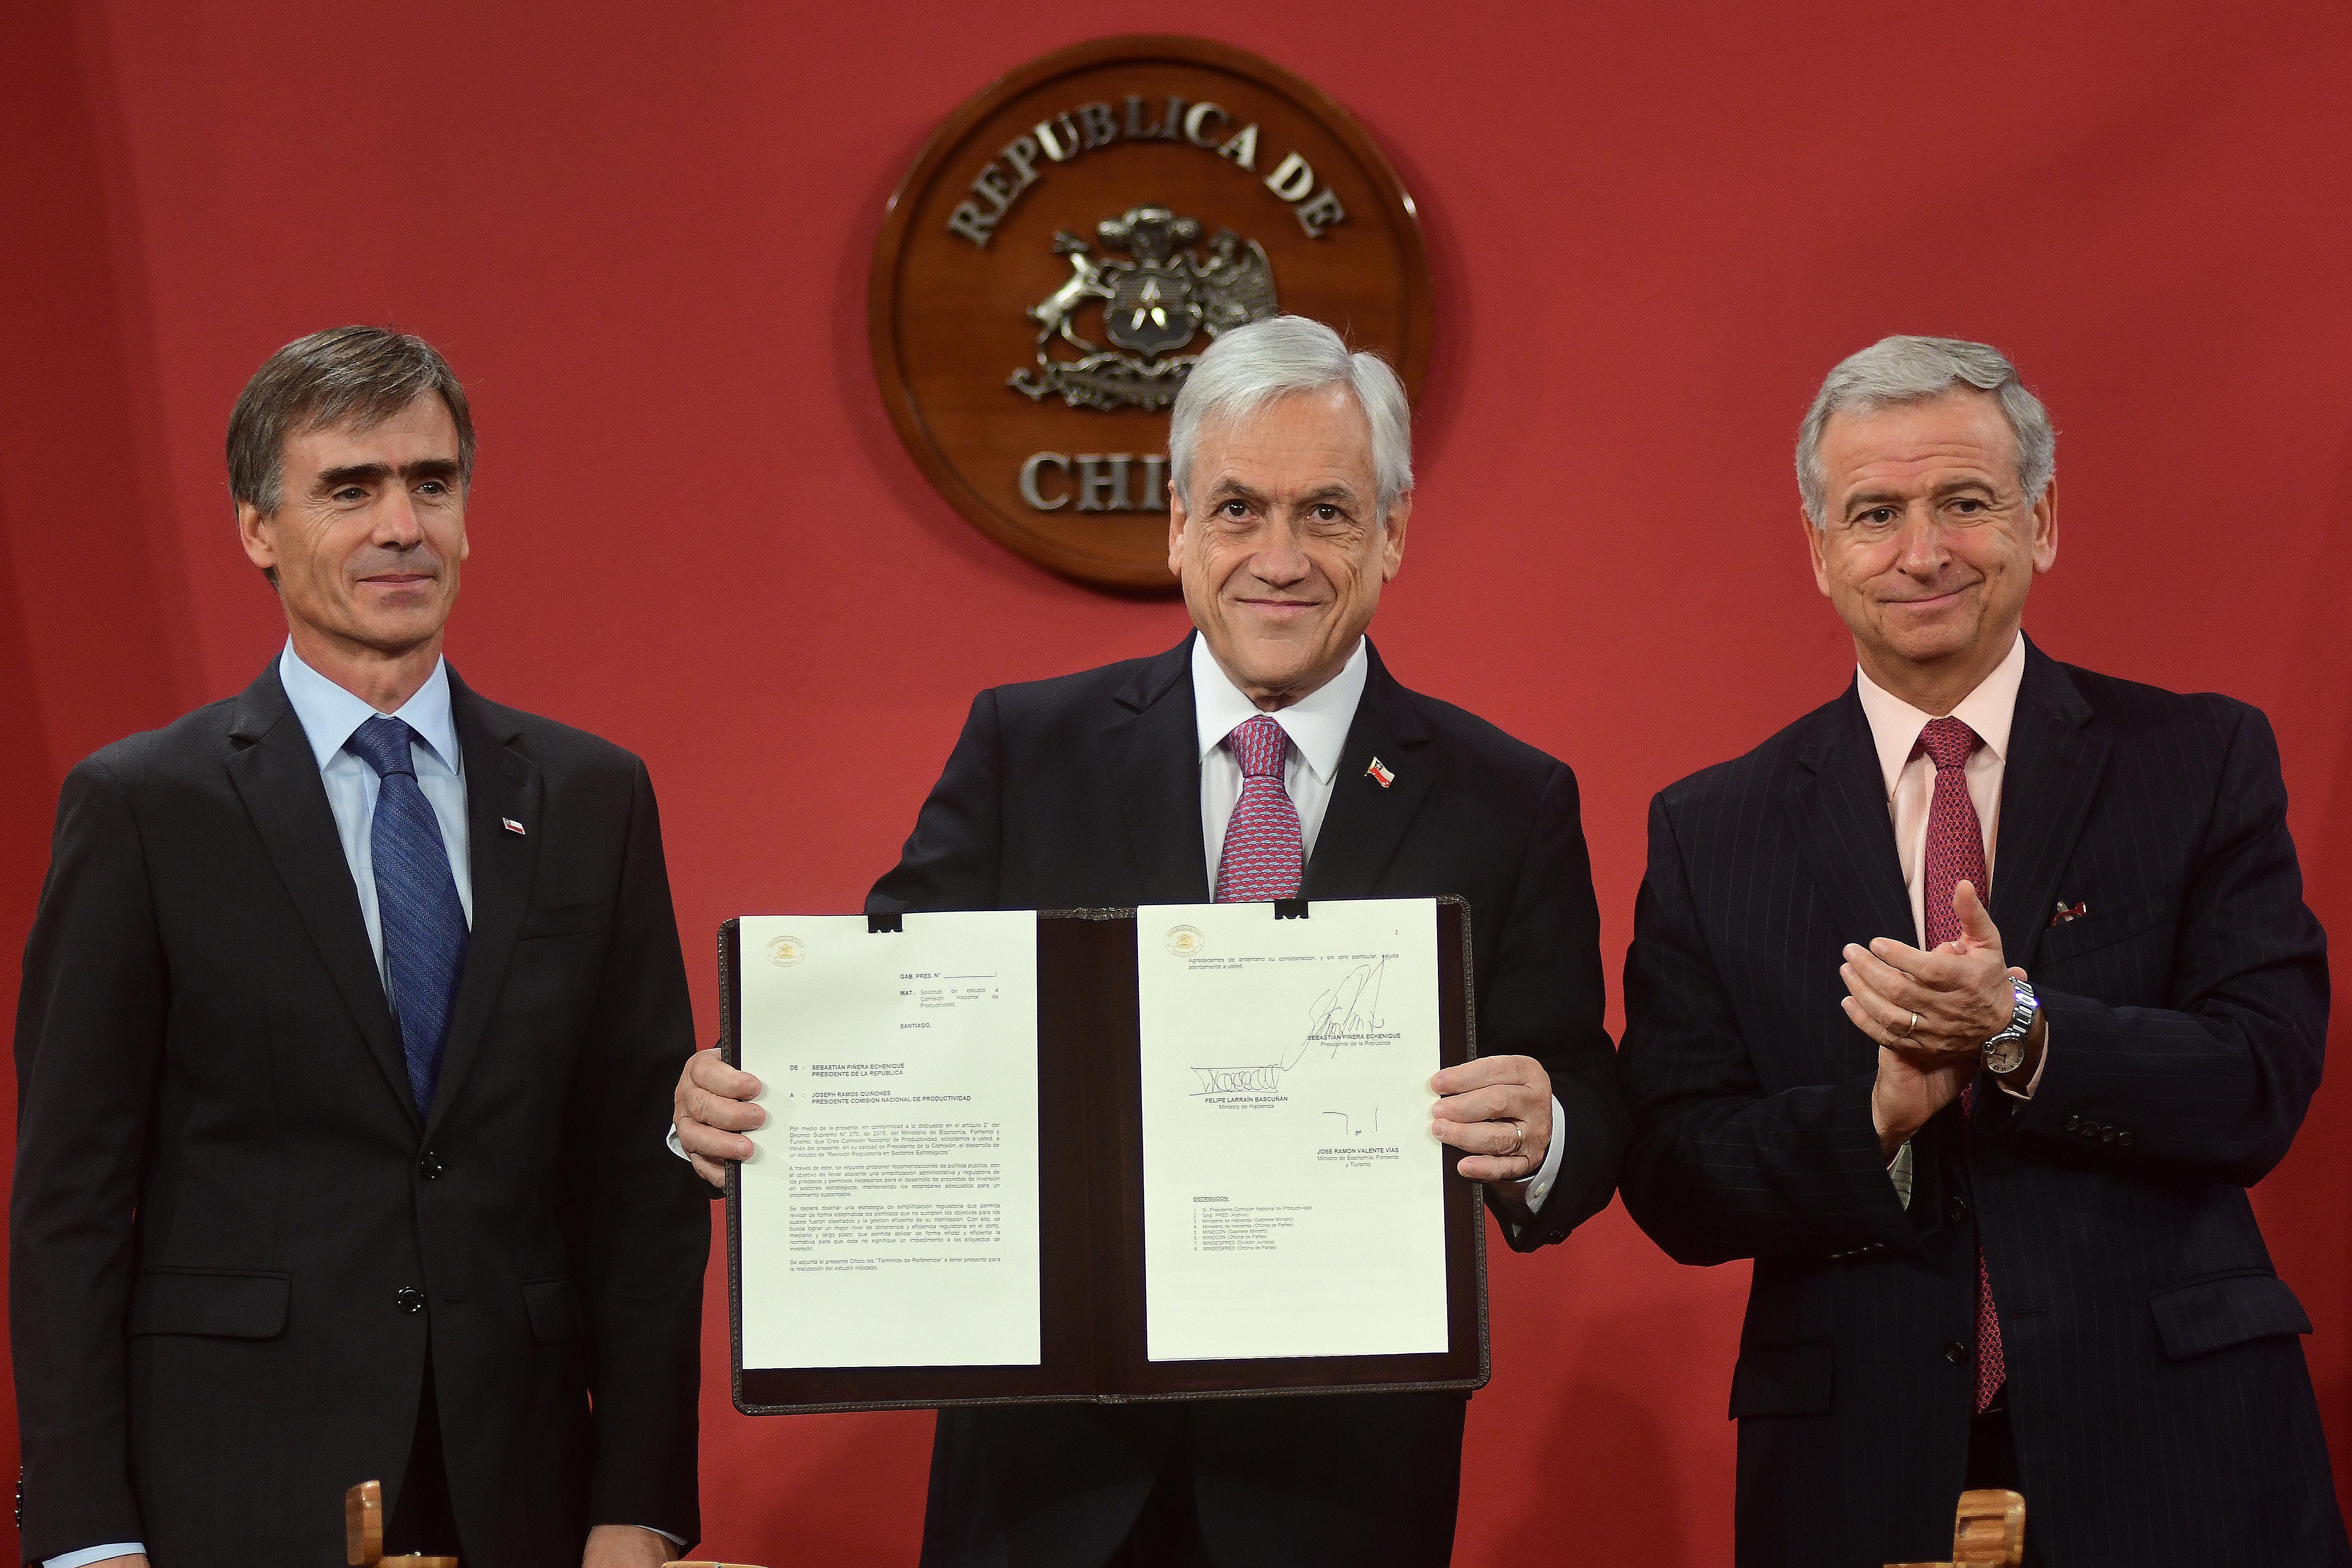 El Presidente de la República, Sebastián Piñera, junto al Ministro de Economía, Fomento y Turismo, José Ramón Valente, firman el proyecto de ley de agenda proinversión y el decreto que establece la Oficina de Gestión de Proyectos Sustentables.